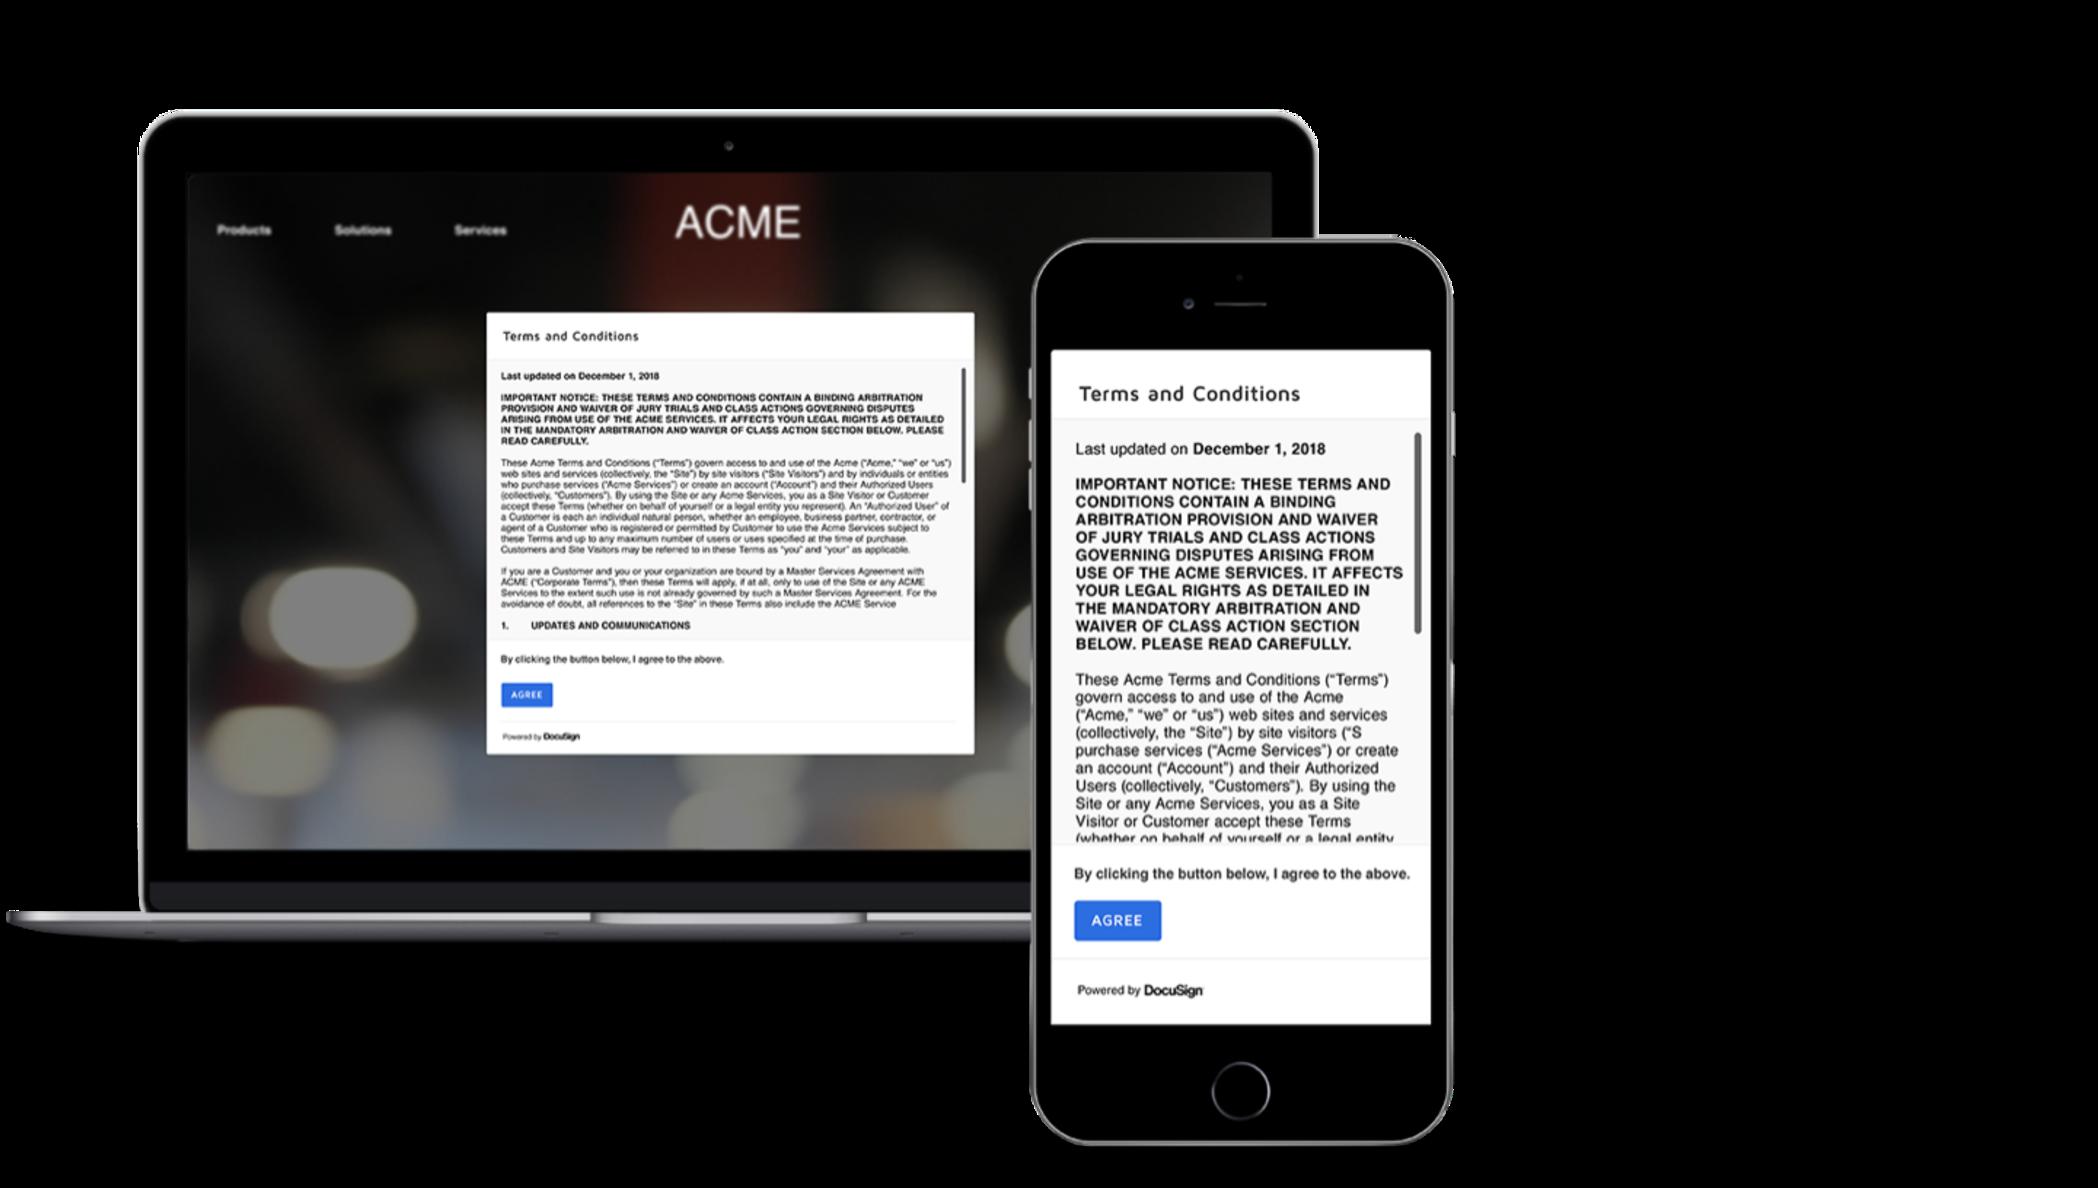 Un acuerdo de términos de servicio se presenta desde una caja dentro de un navegador web.